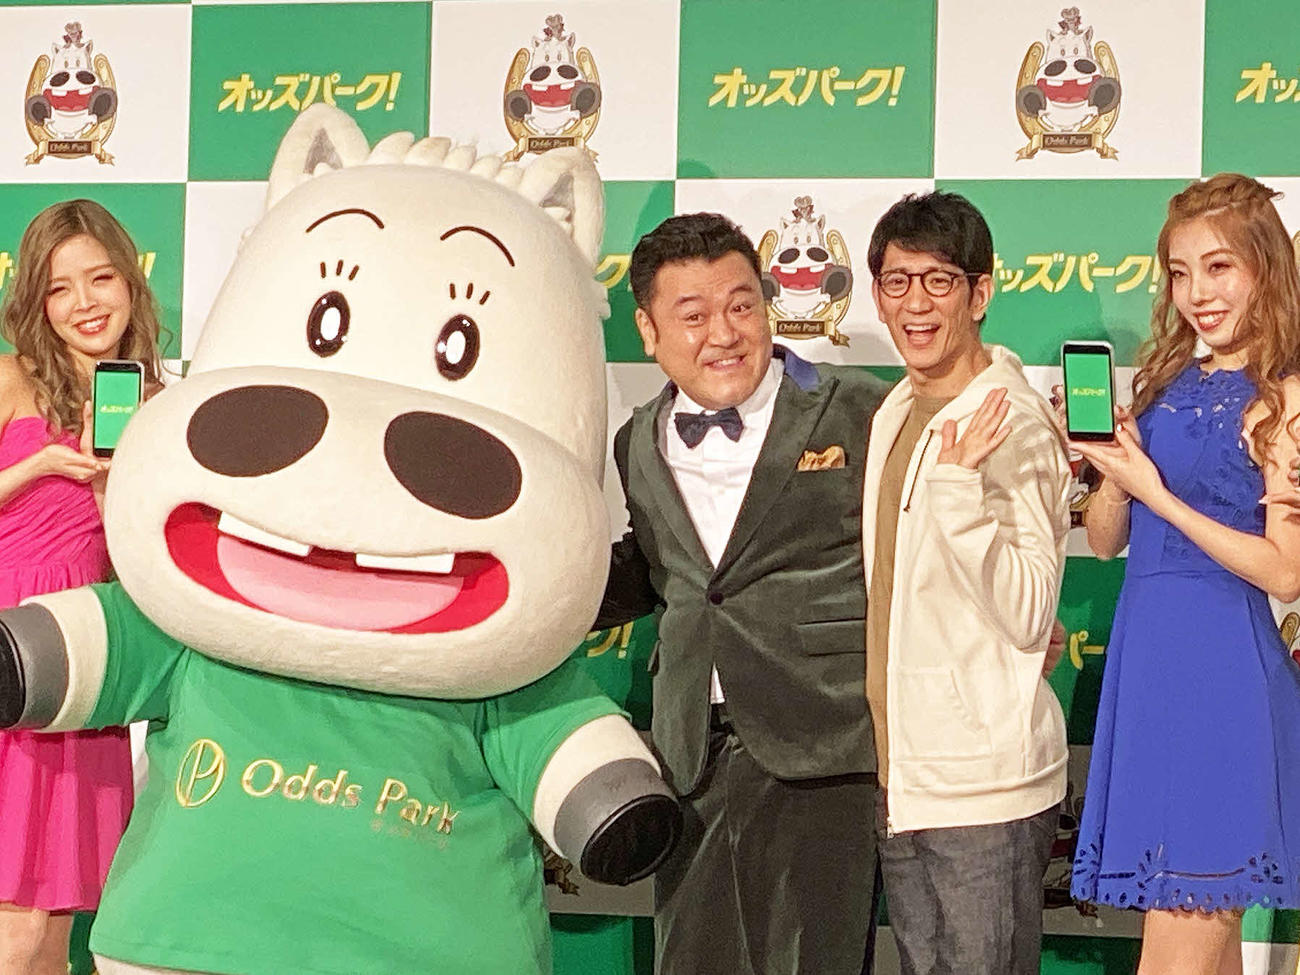 12年ぶりにコンビでCM出演したアンタッチャブル山崎弘也(中央)と柴田英嗣(同右)